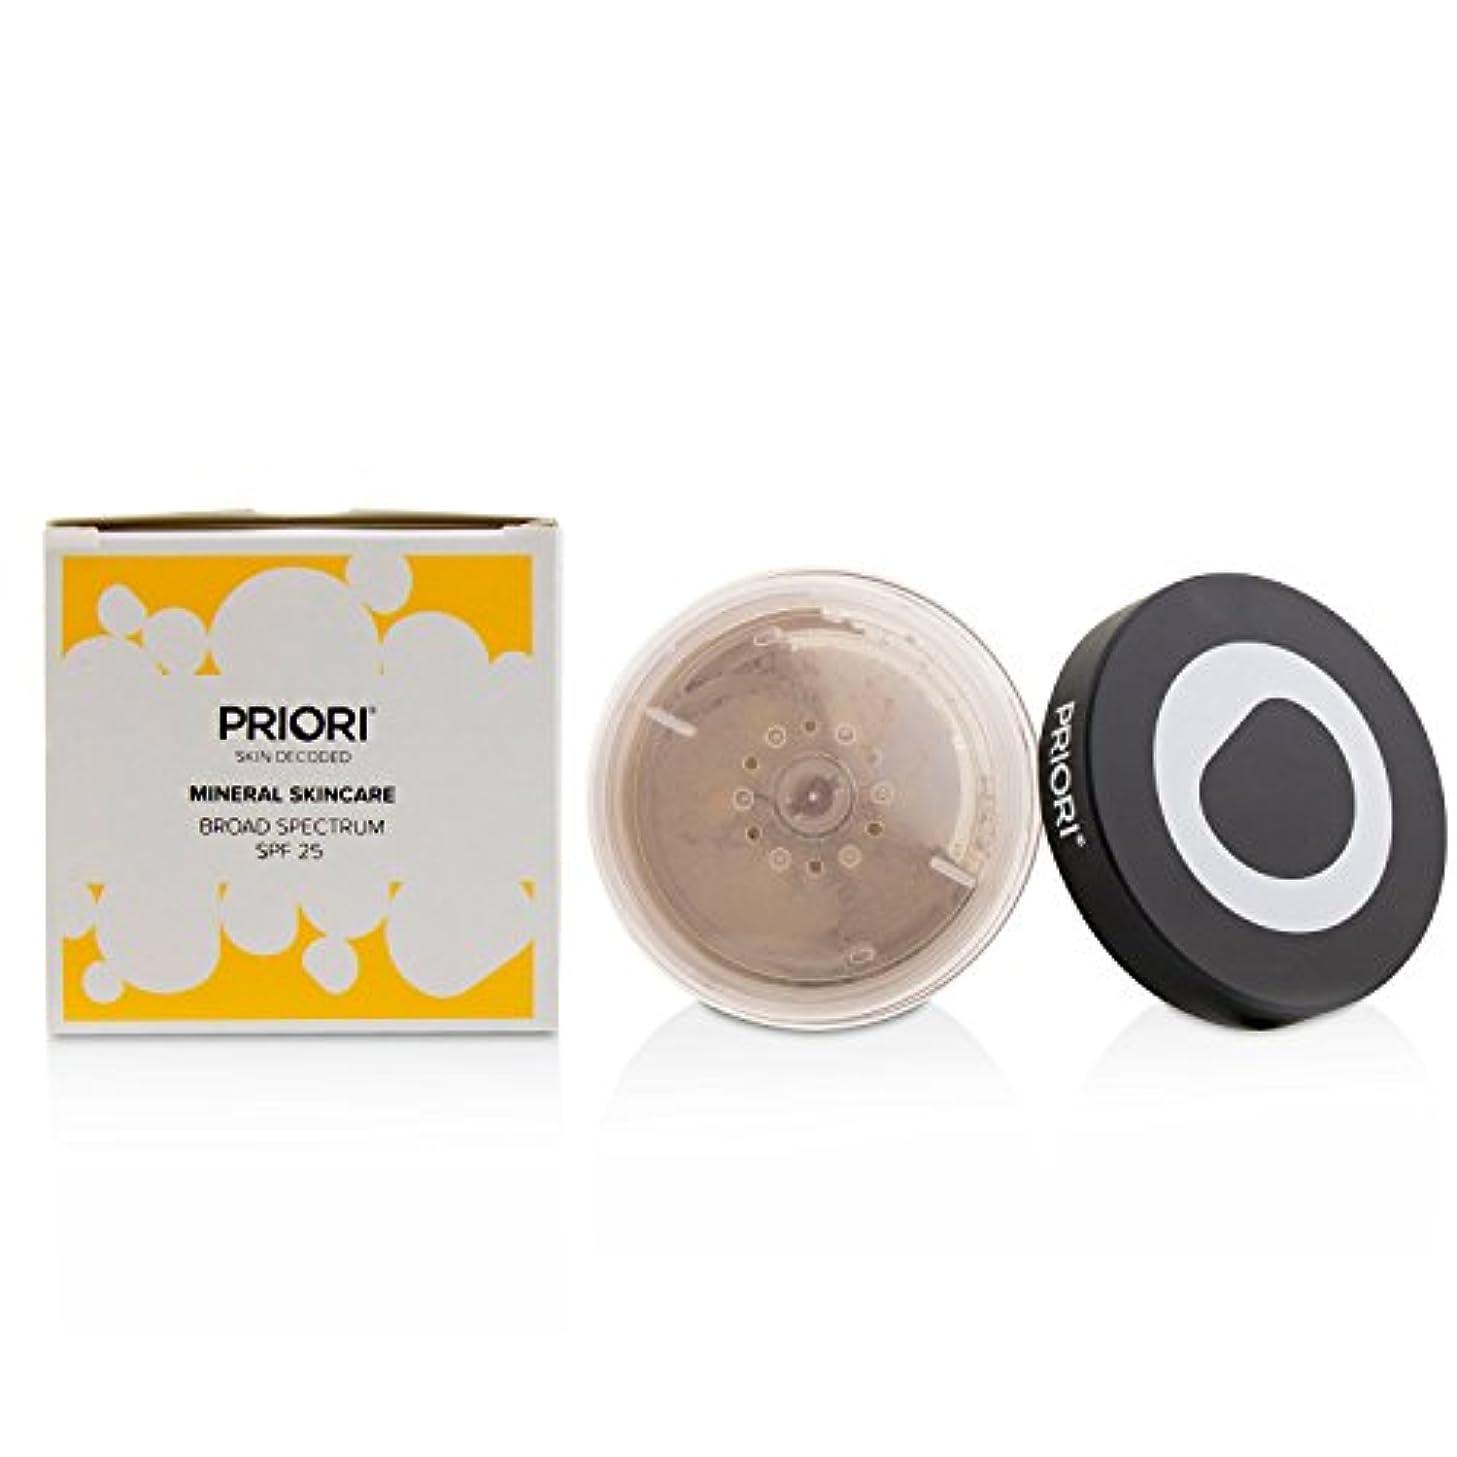 聡明市の中心部記者プリオリ Mineral Skincare Broad Spectrum SPF25 - # Shade 4 (Fx354) 5g/0.17oz並行輸入品